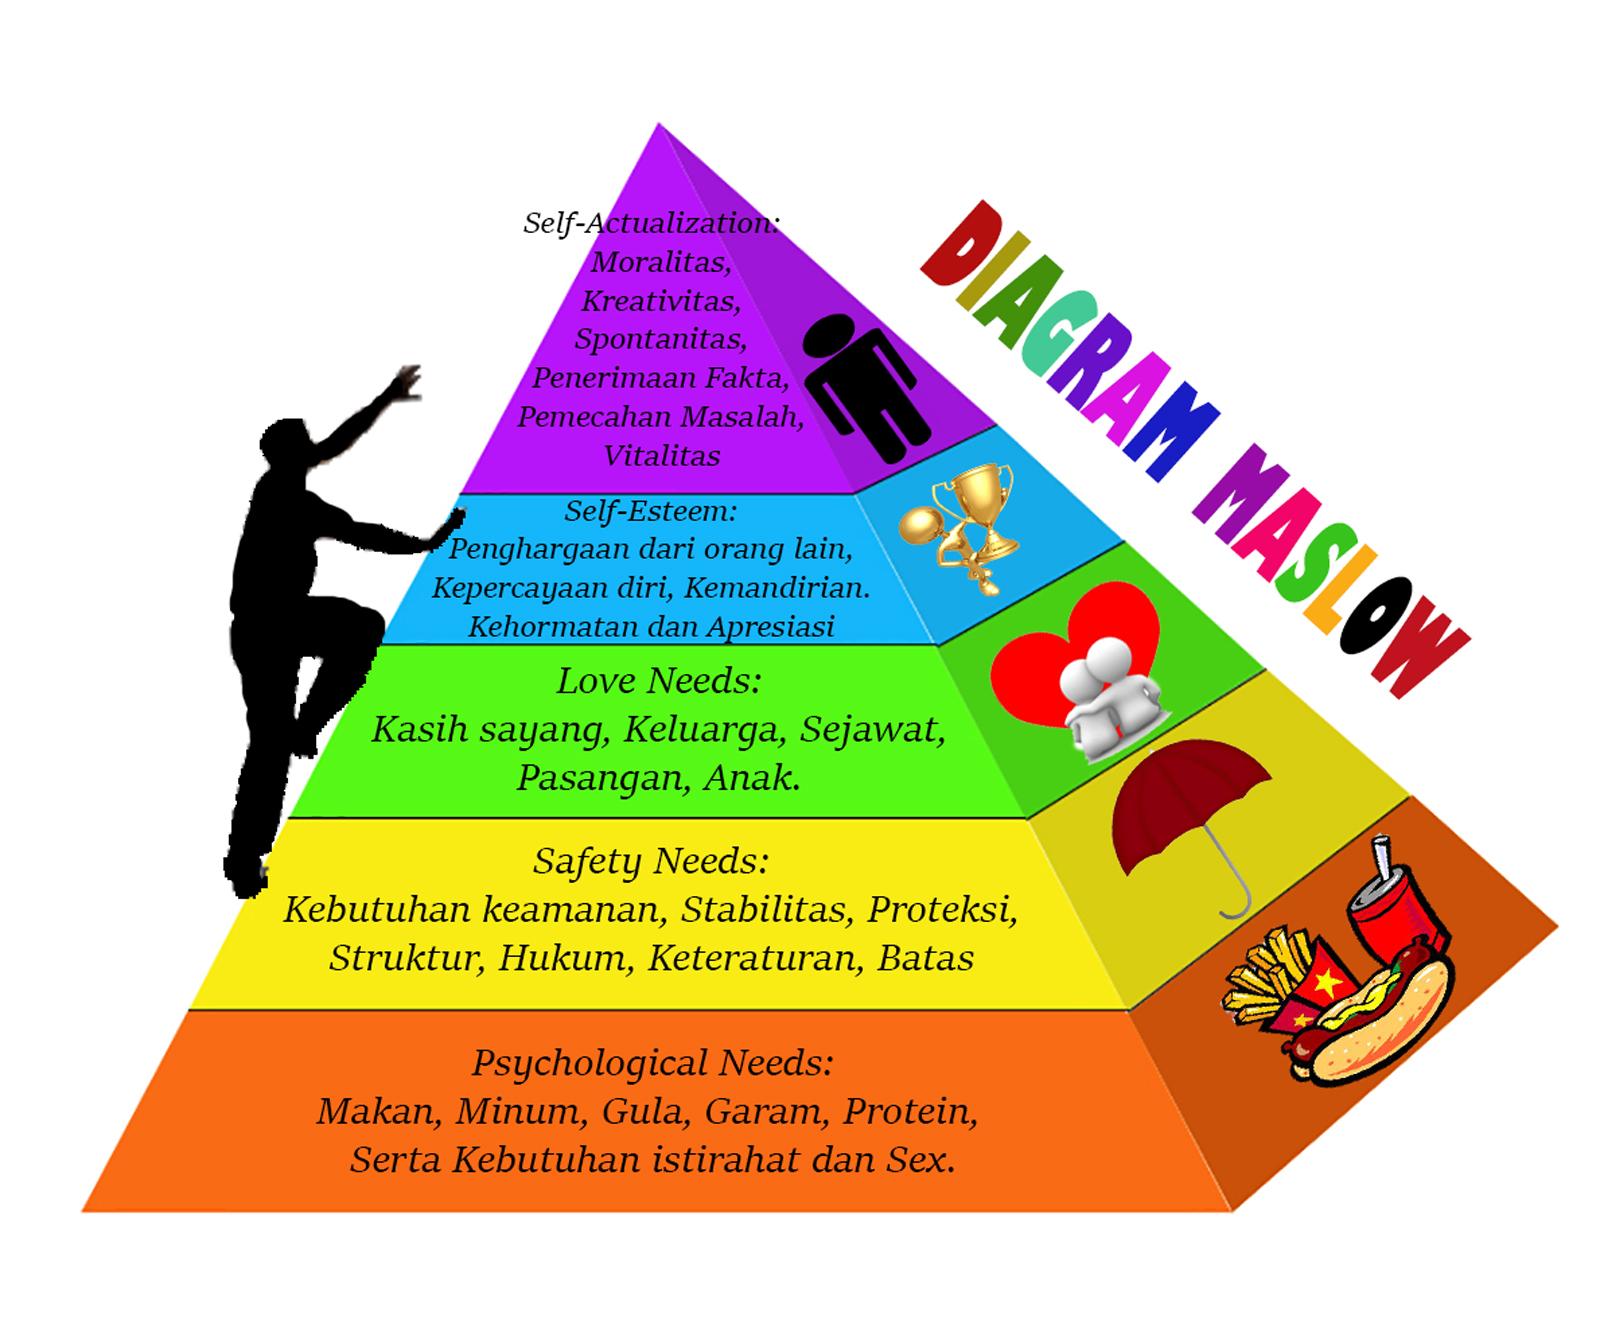 Teori hierarki kebutuhan maslow dolpman teori hierarki kebutuhan maslow ccuart Choice Image